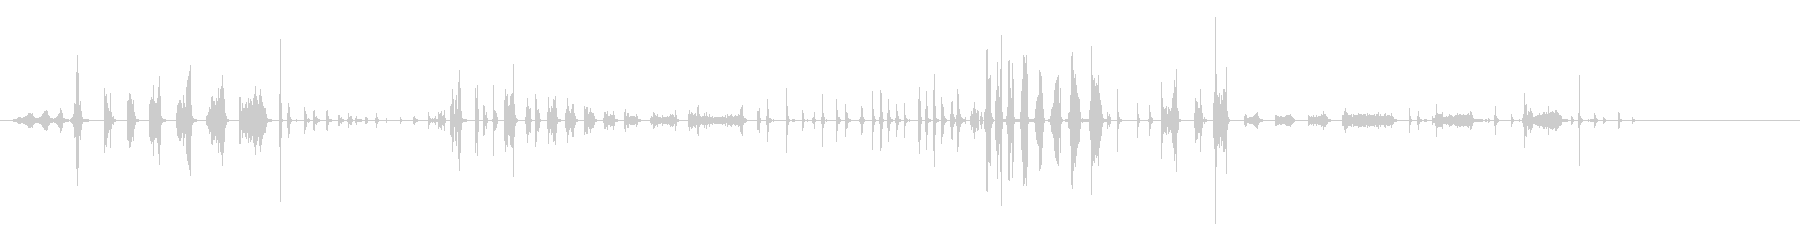 コメディカースタート、アイドル、R...の未再生の波形